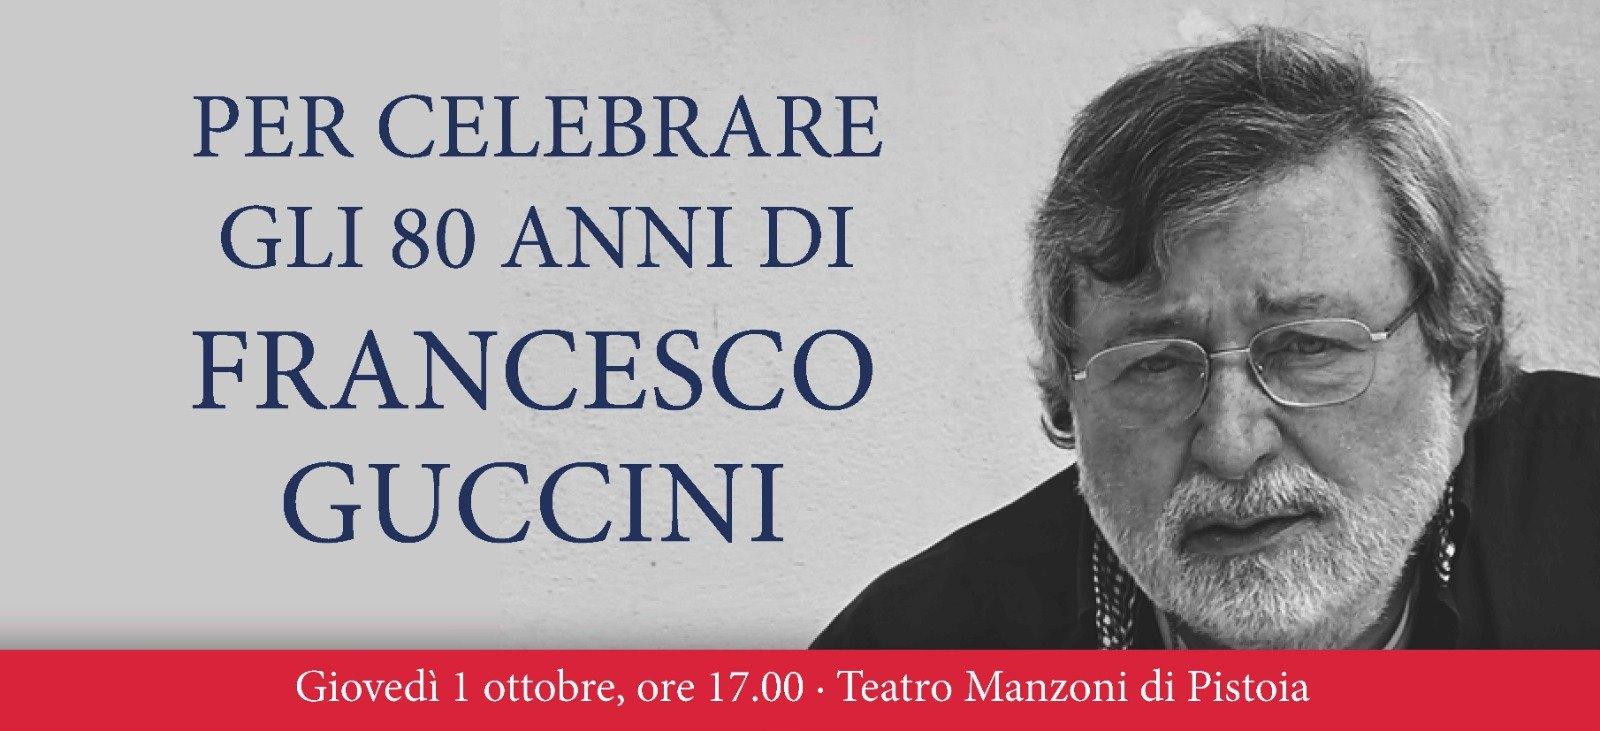 Francesco Guccini si racconta. Omaggio per gli 80 anni